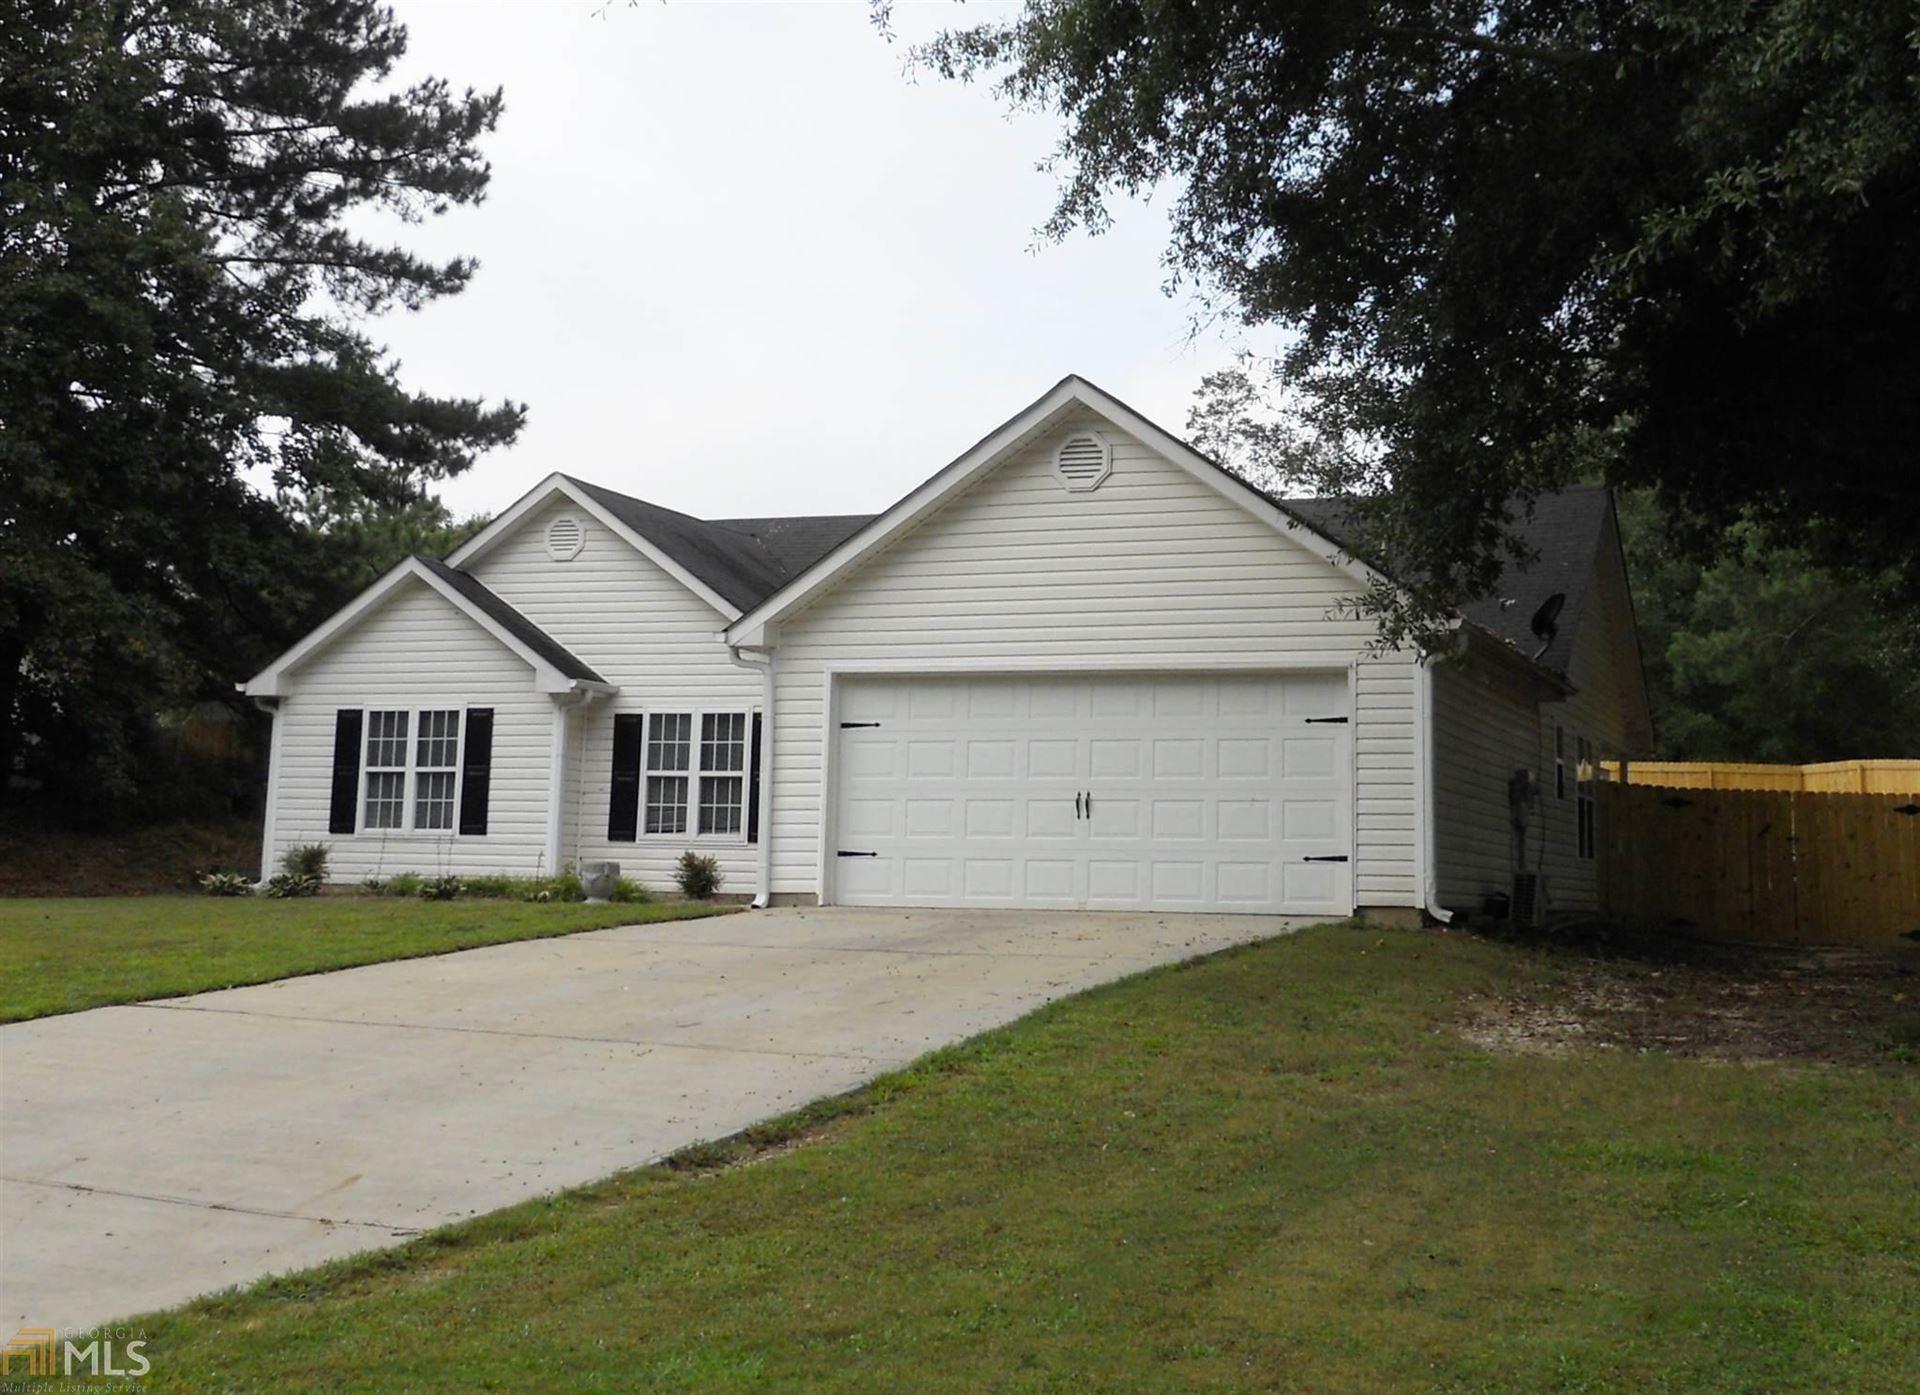 401 Windermere Dr, Loganville, GA 30052 - #: 8865926